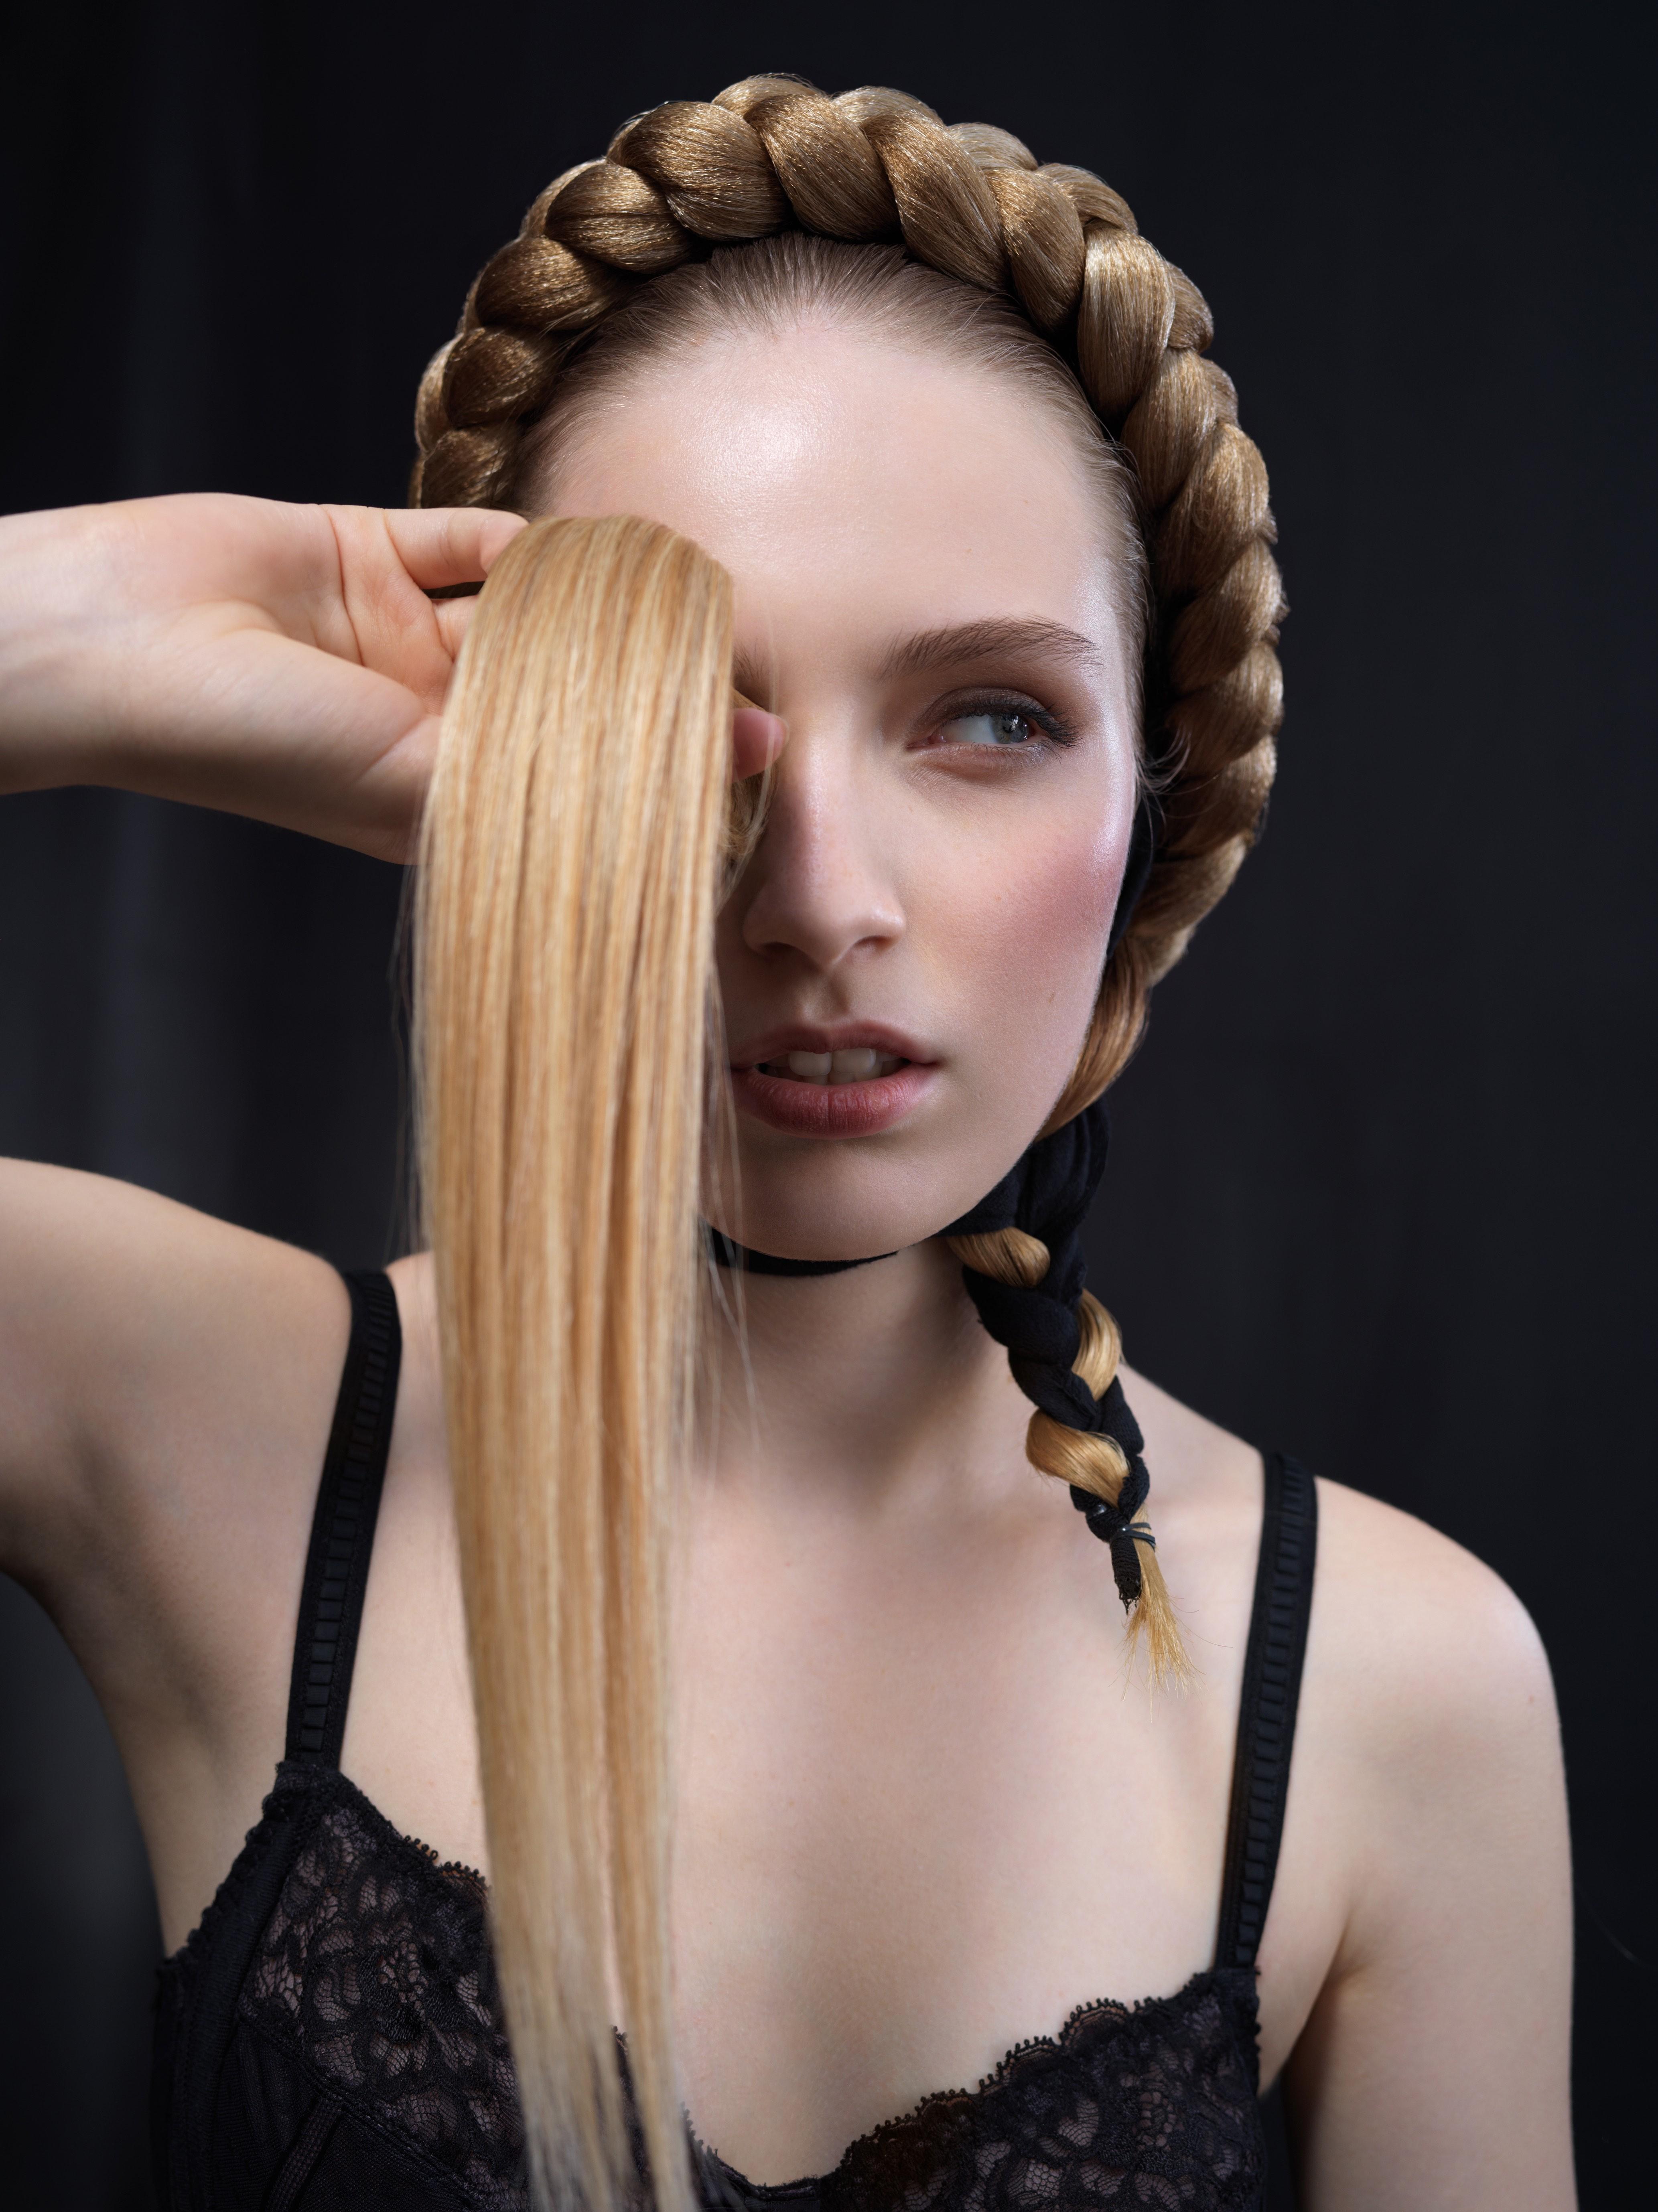 Directeur artistique et coiffure: Claude Tarentino. Photos: Jules Egger. Modèle: Nelly. Produits: L'Oréal Professionnel. Ciseaux: Mizutani.